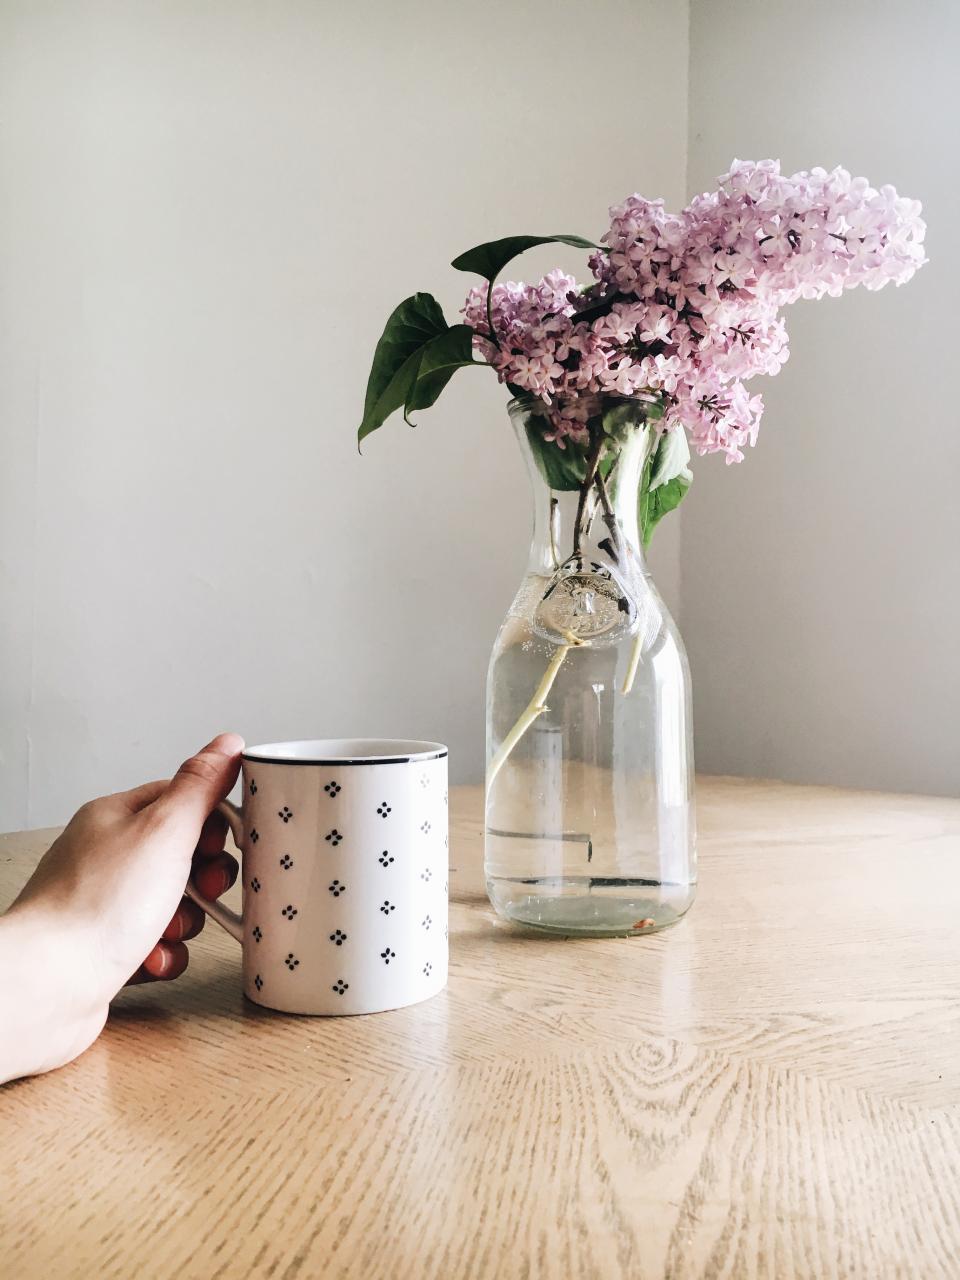 display pink flower vase water jar mug cup table hand